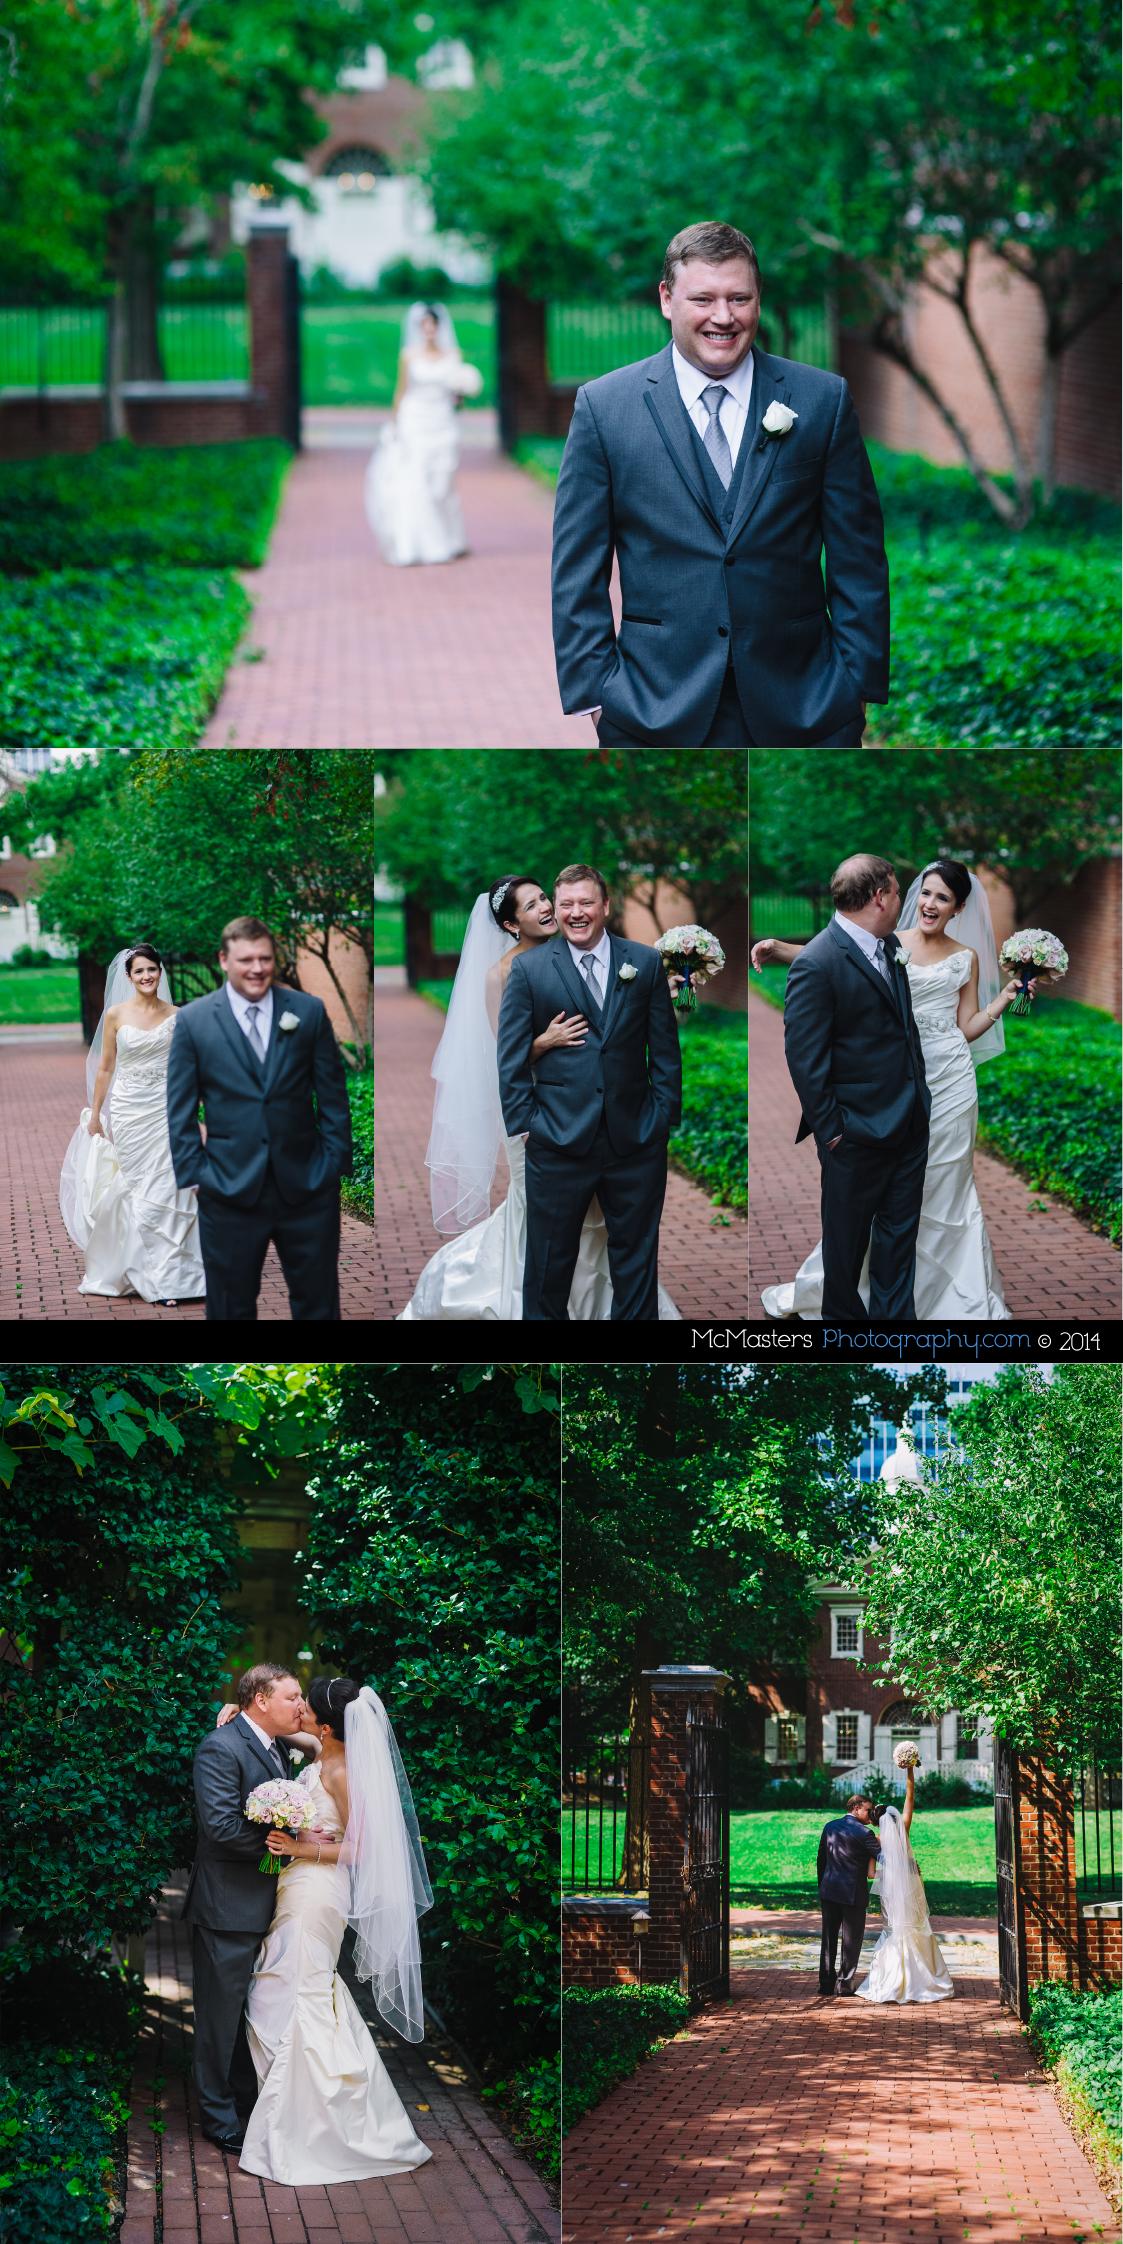 Omni Hotel Wedding Photos